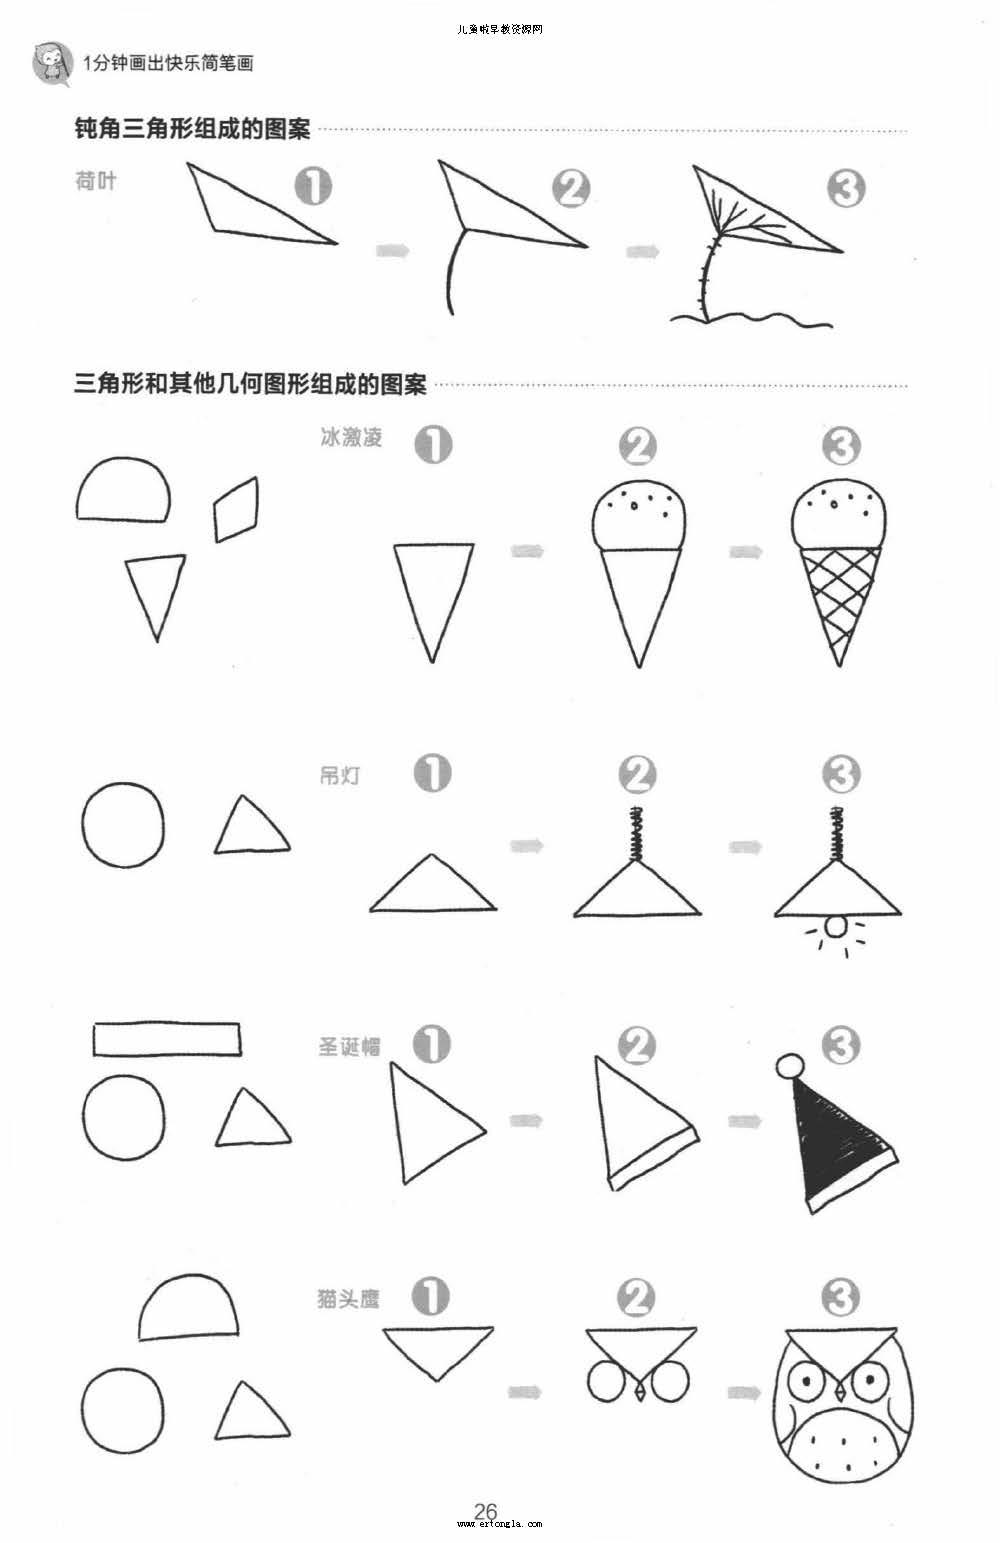 三角形组成简笔画怎么画